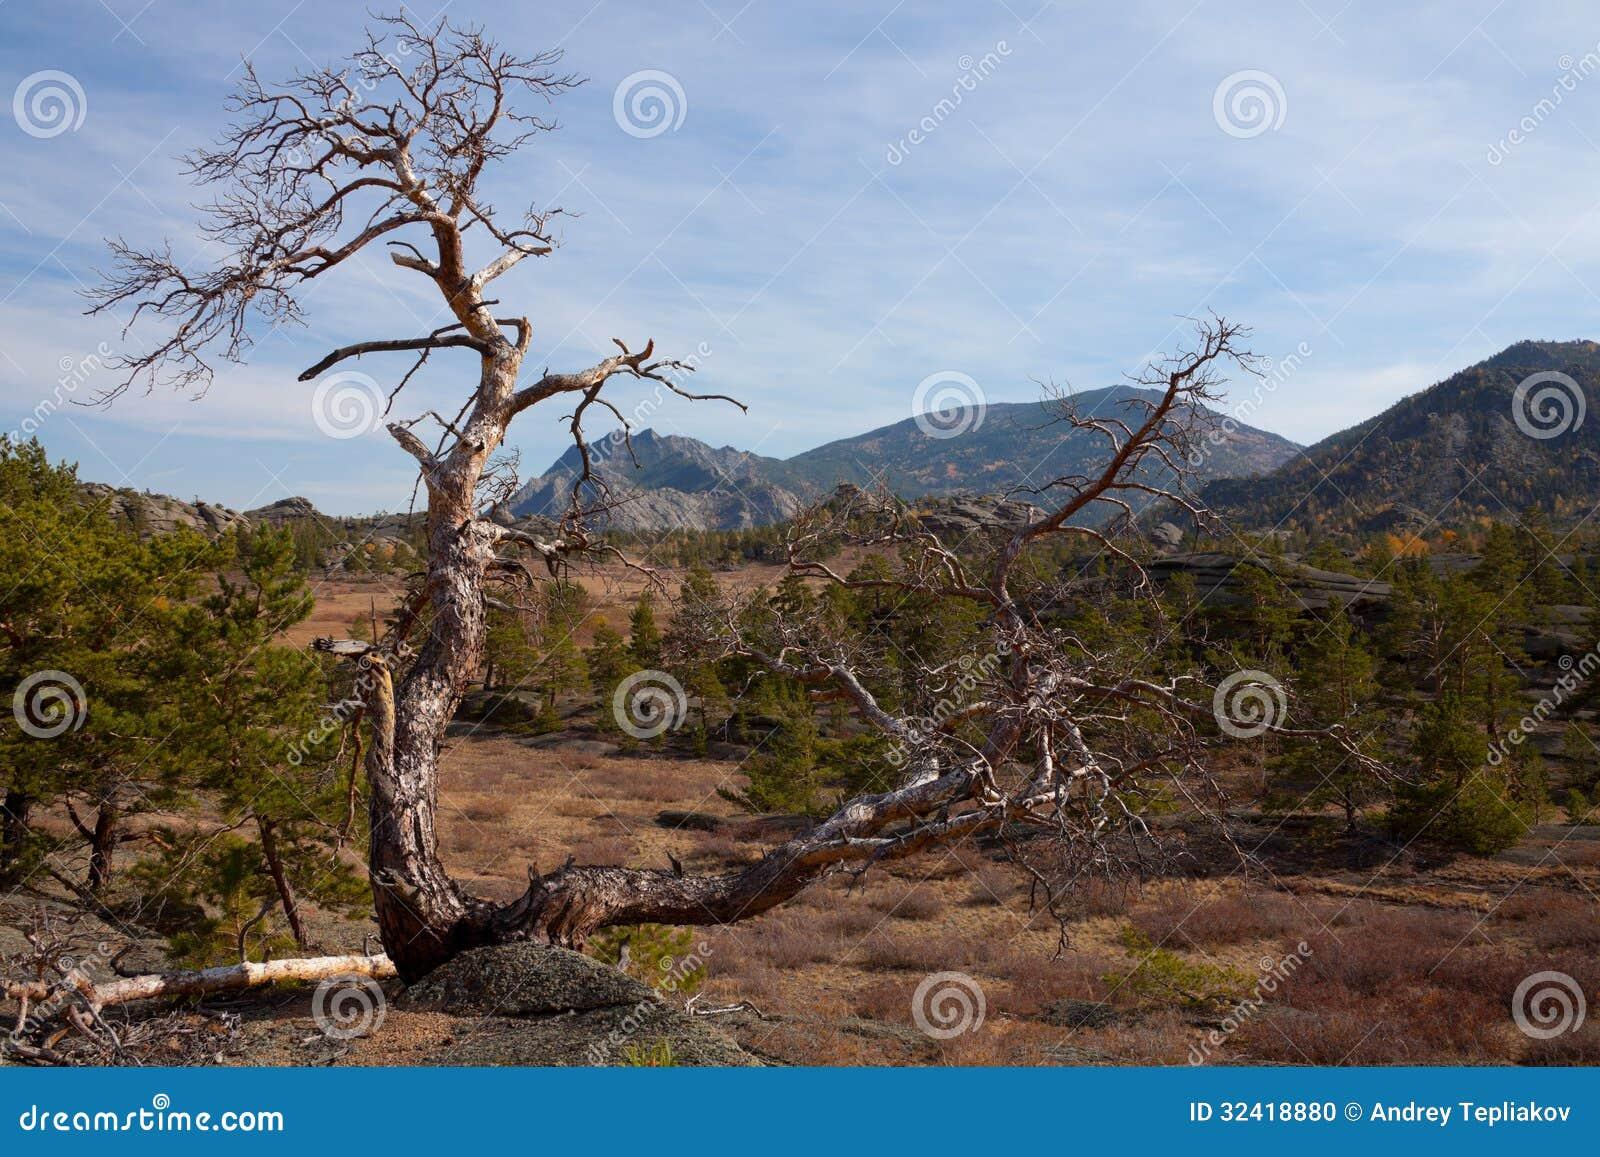 Сиротливое сухое дерево в горах